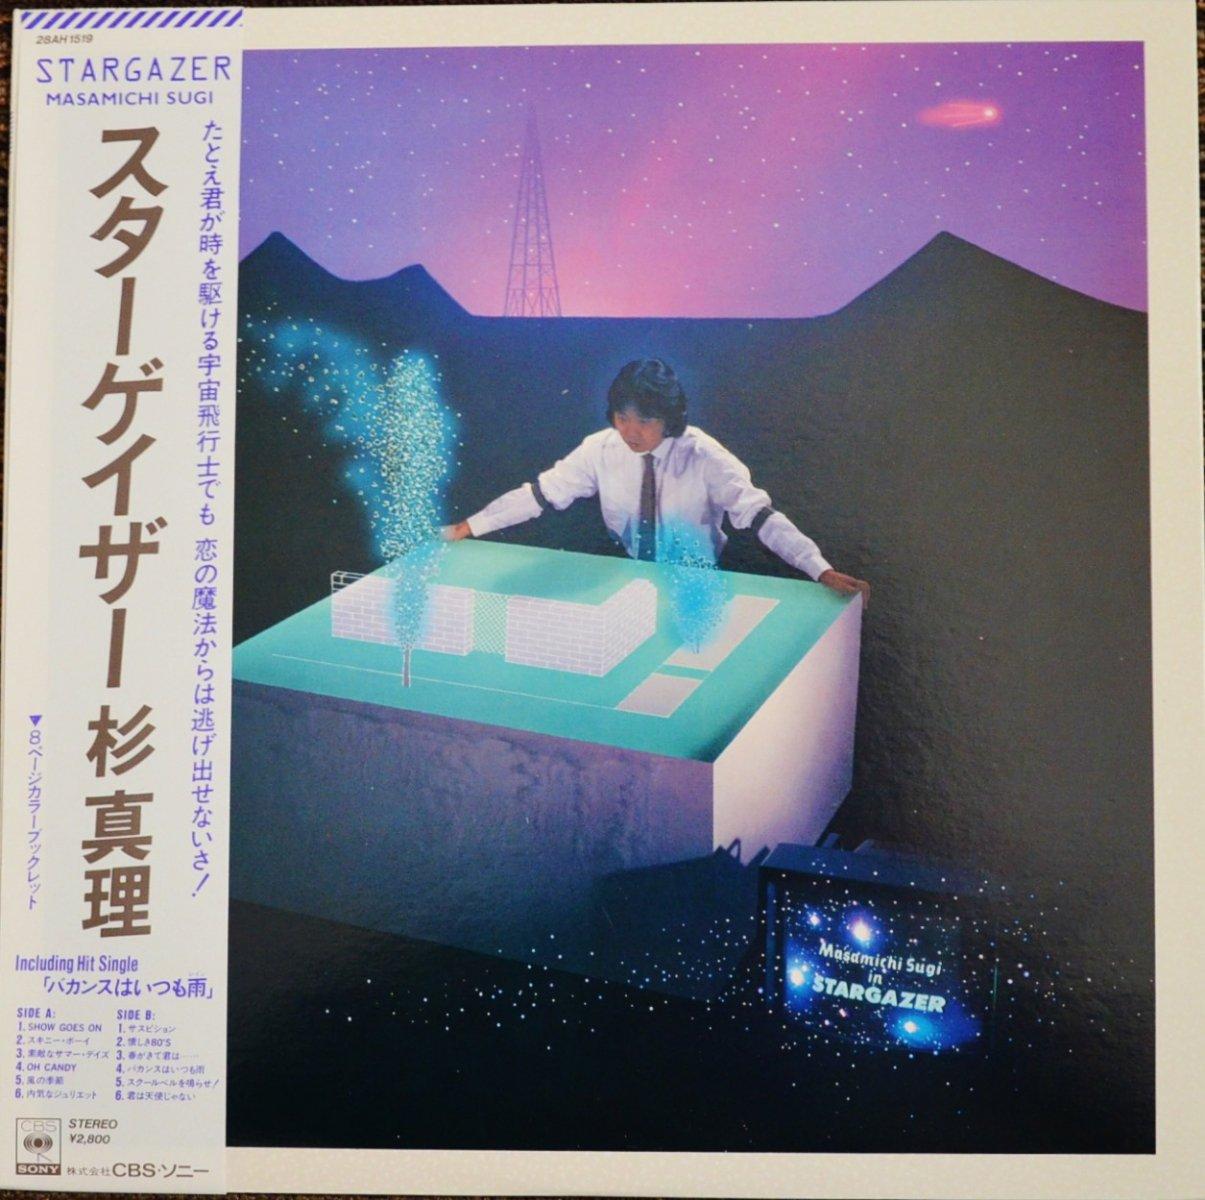 杉真理 MASAMICHI SUGI / スターゲイザー STARGAZER (LP)